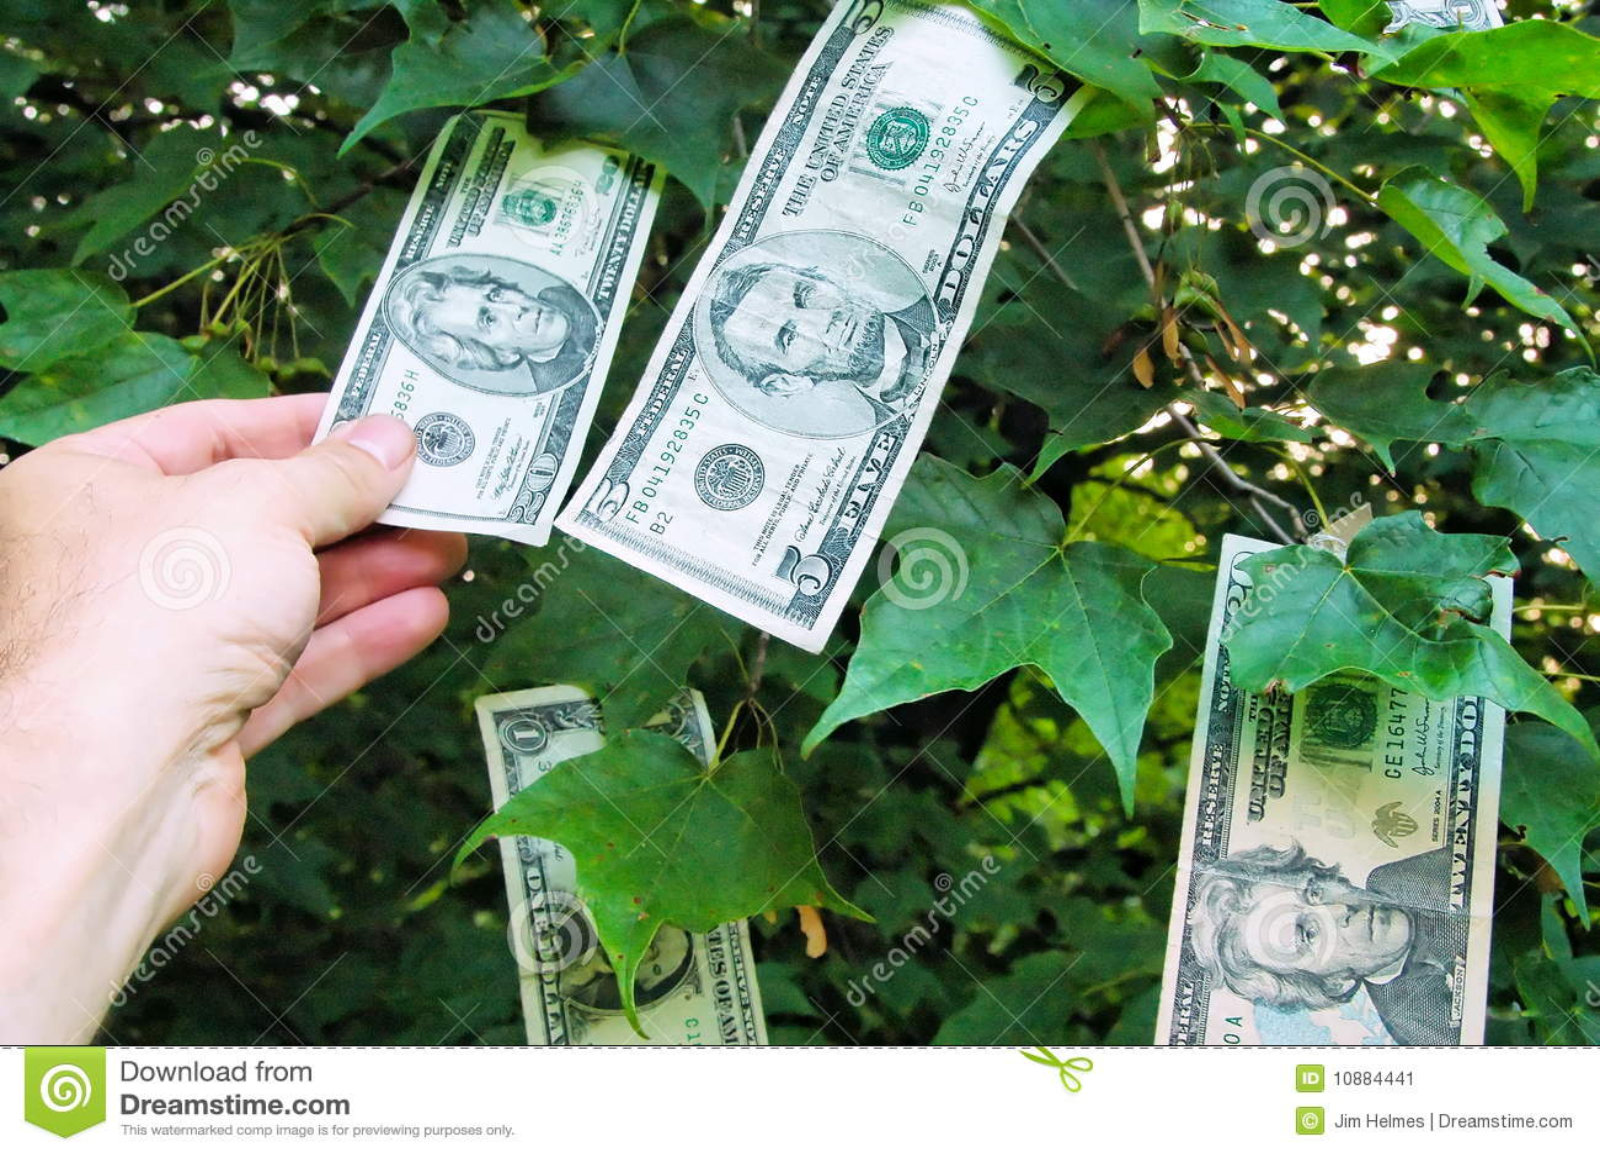 Money Plant Quotes